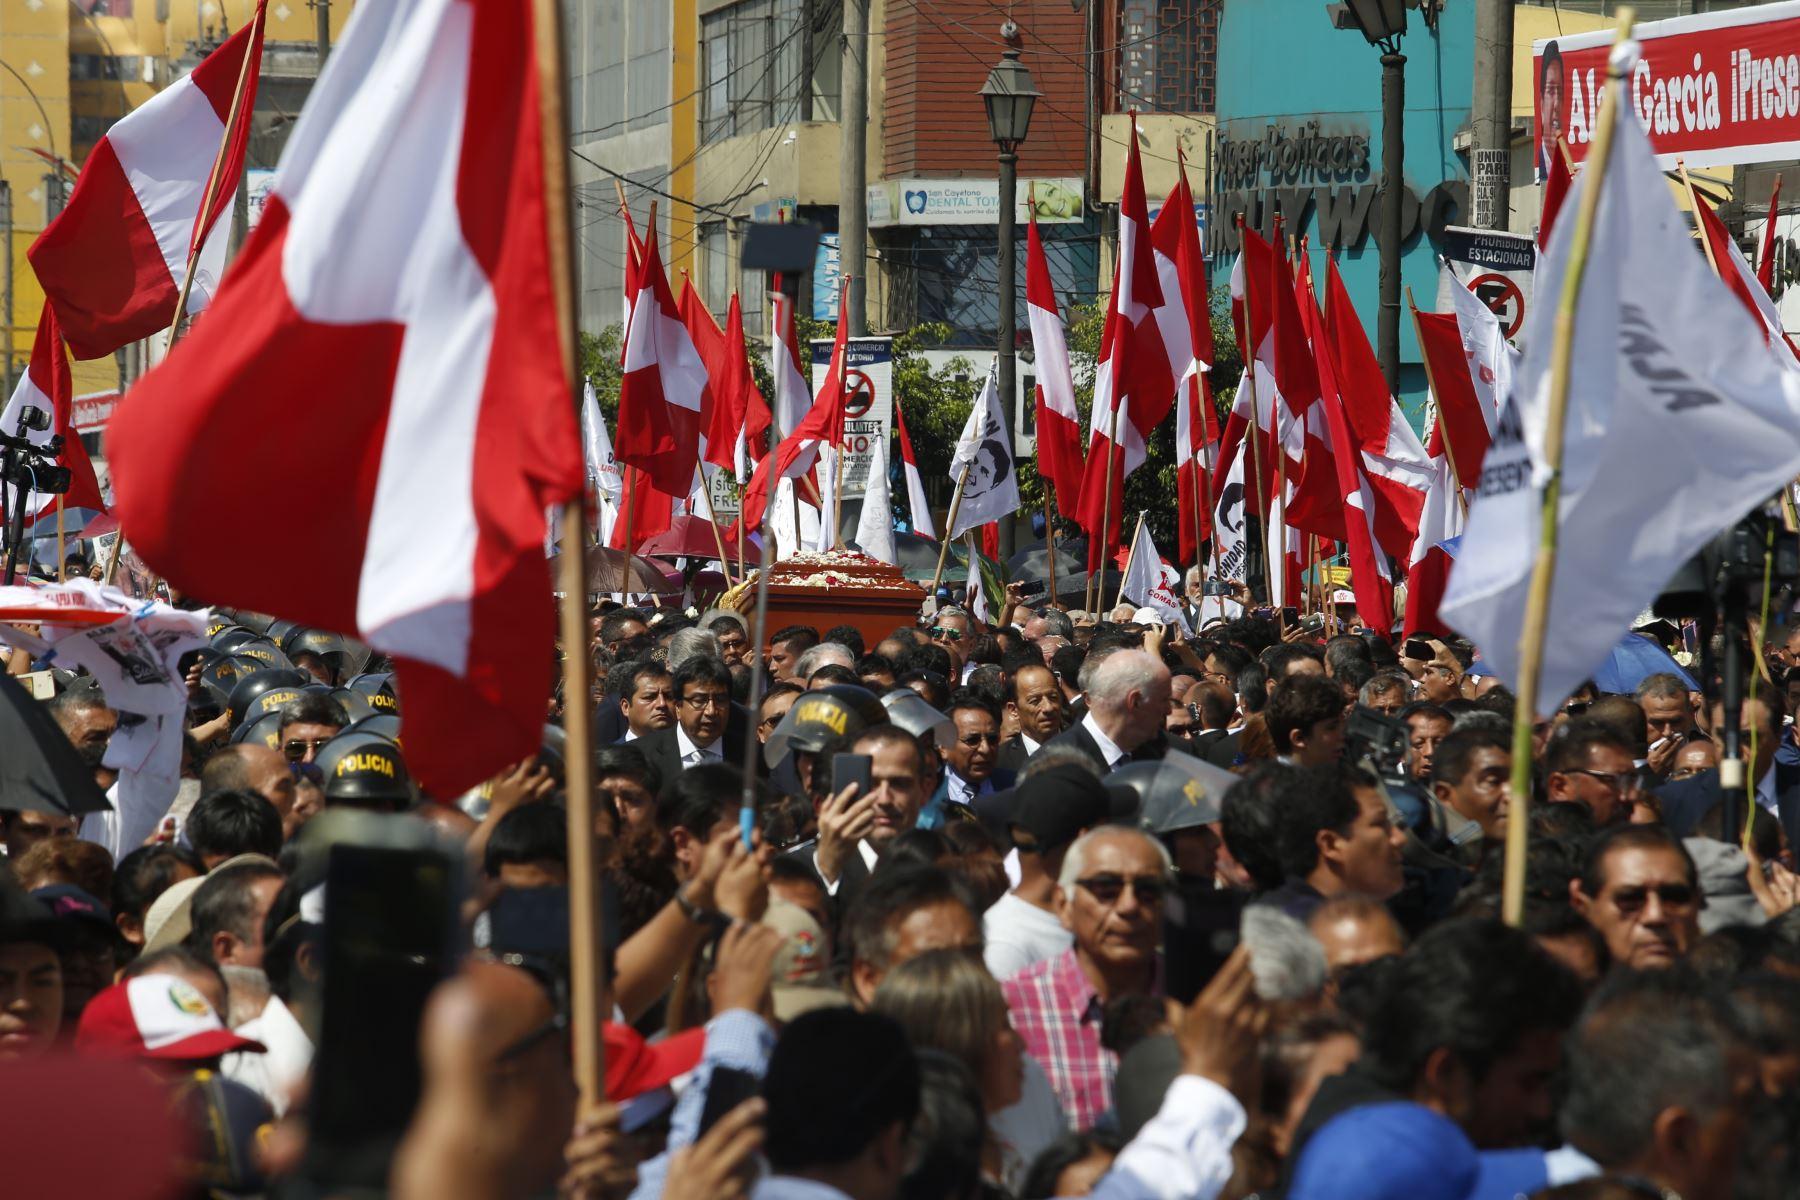 Restos del expresidente Alan García son trasladados a la Plaza 2 de Mayo  Foto: ANDINA/Nathalie Sayago